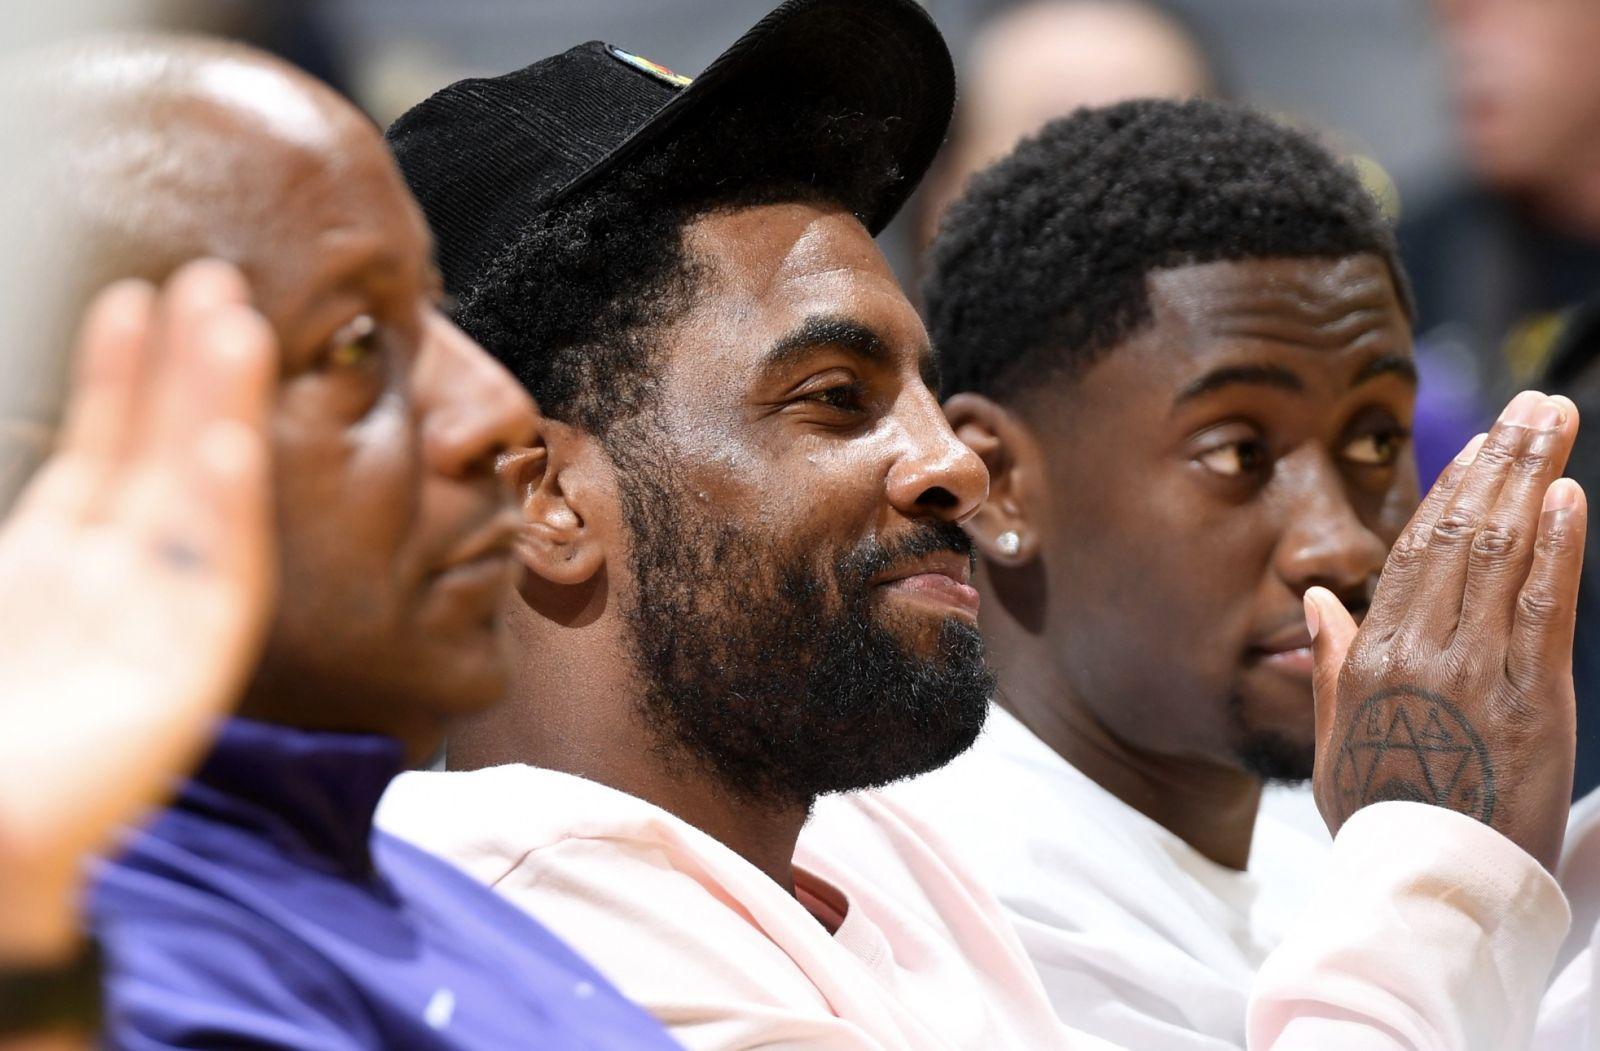 增進隊友之情!歐文勒韋爾現場觀戰WNBA比賽